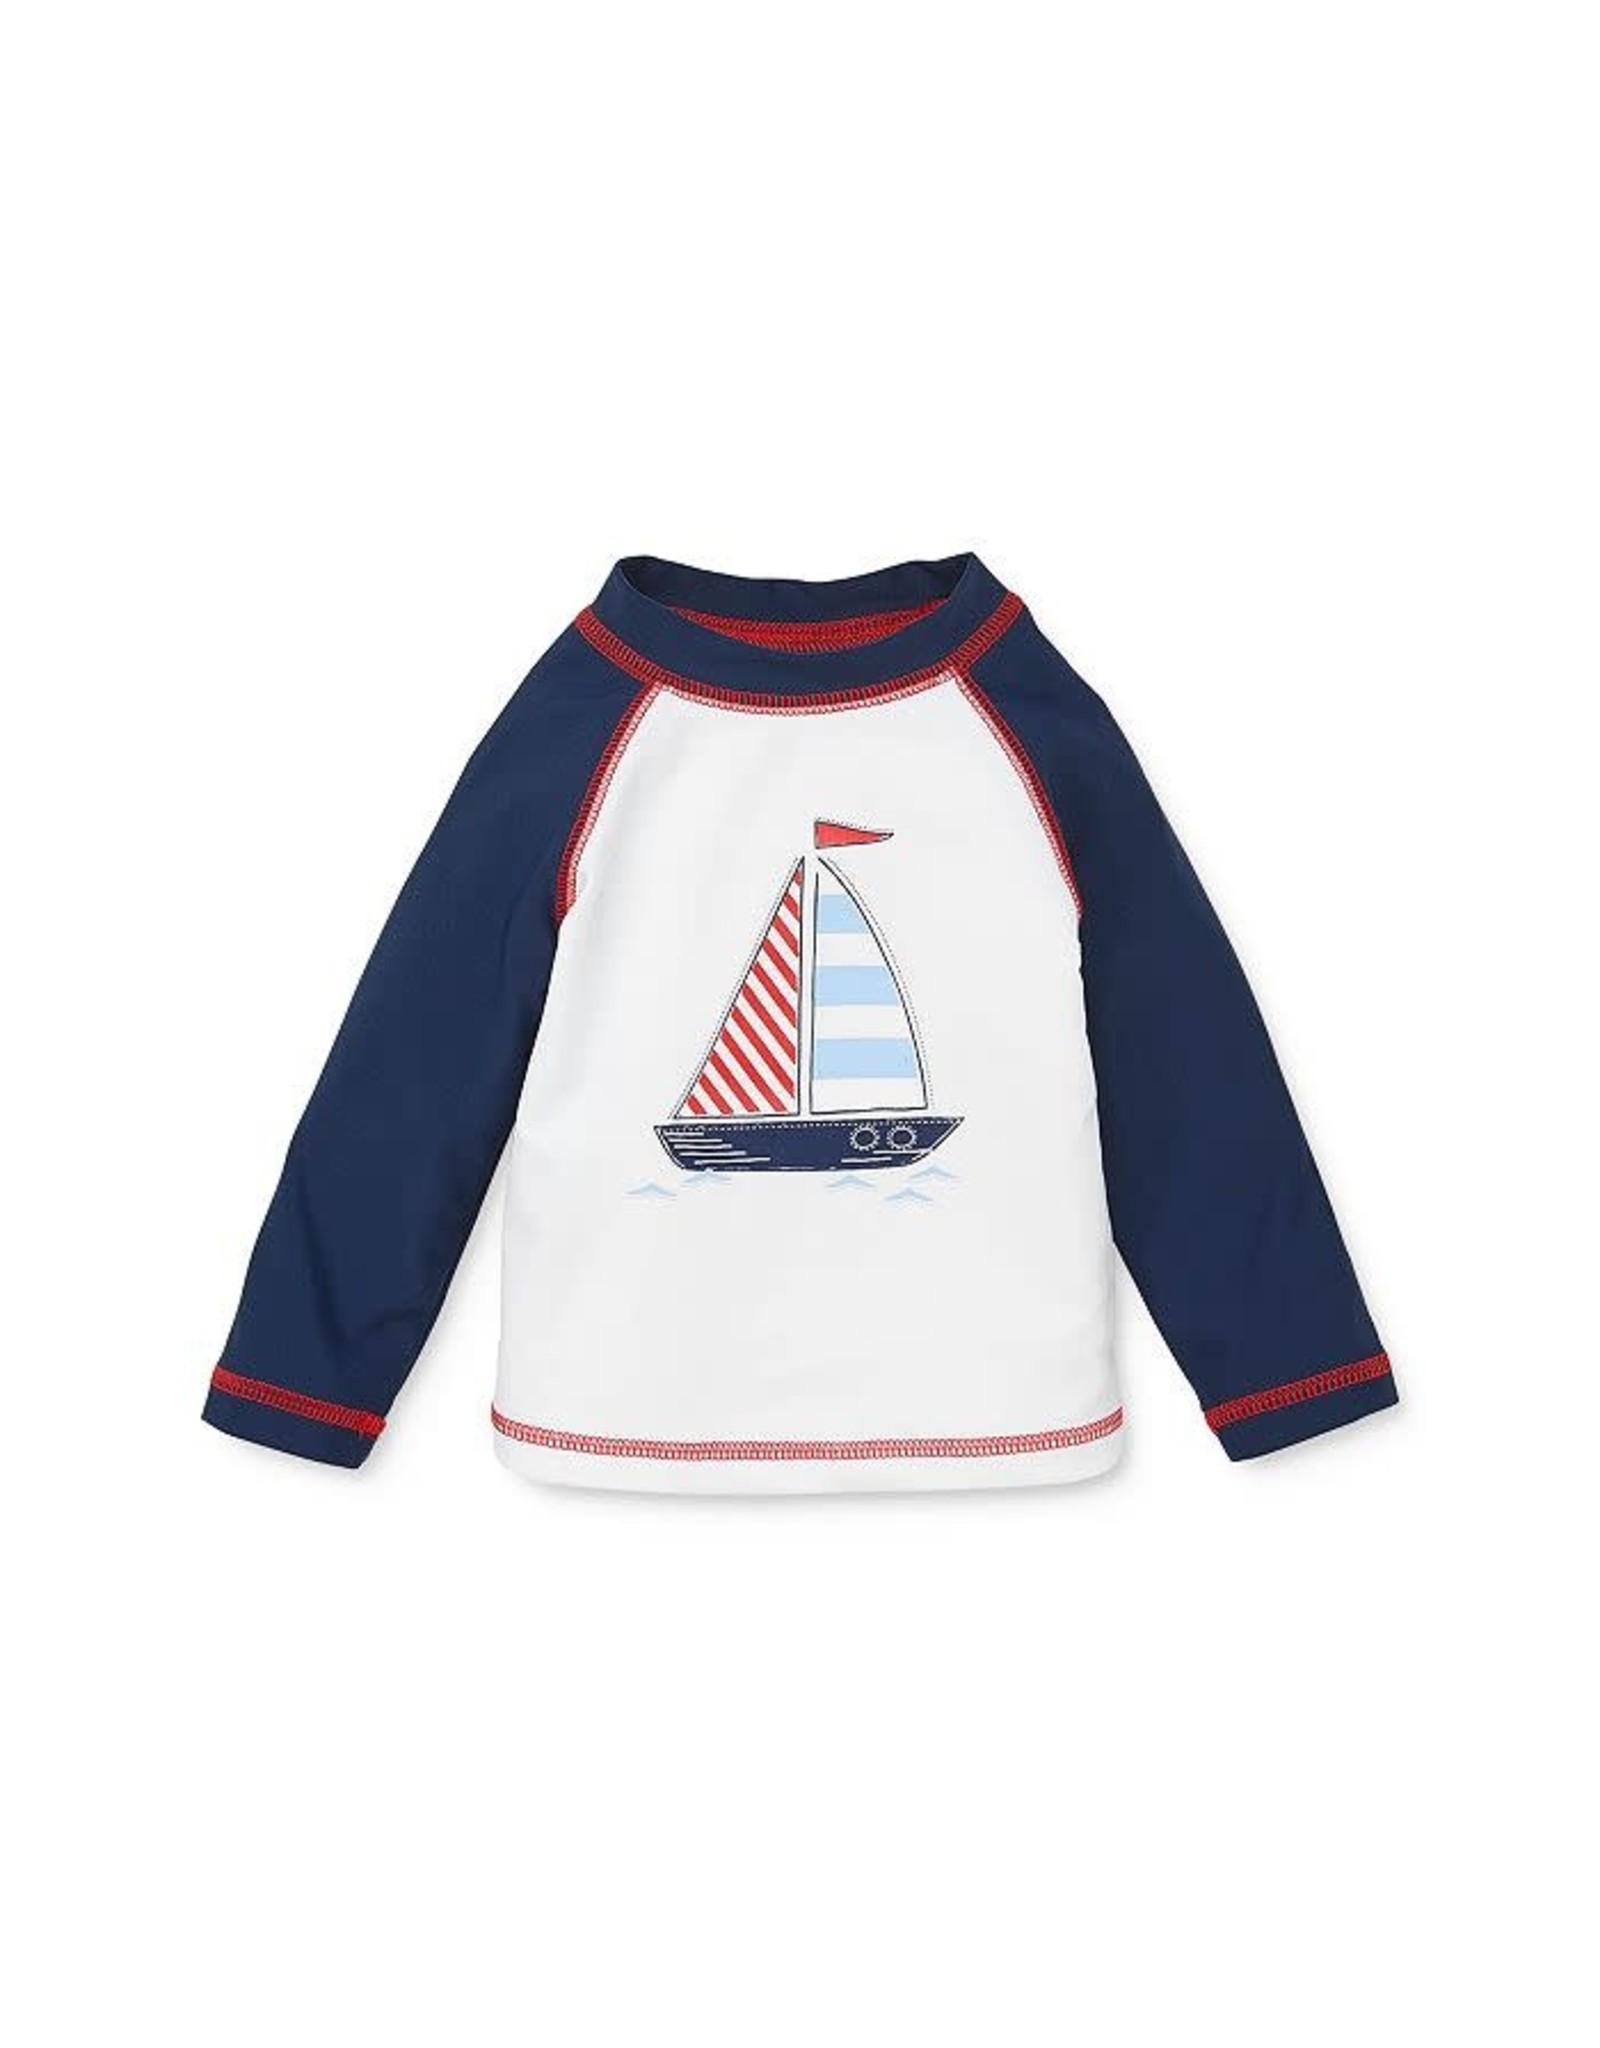 Little Me Little Me- Sail Boat Rashguard